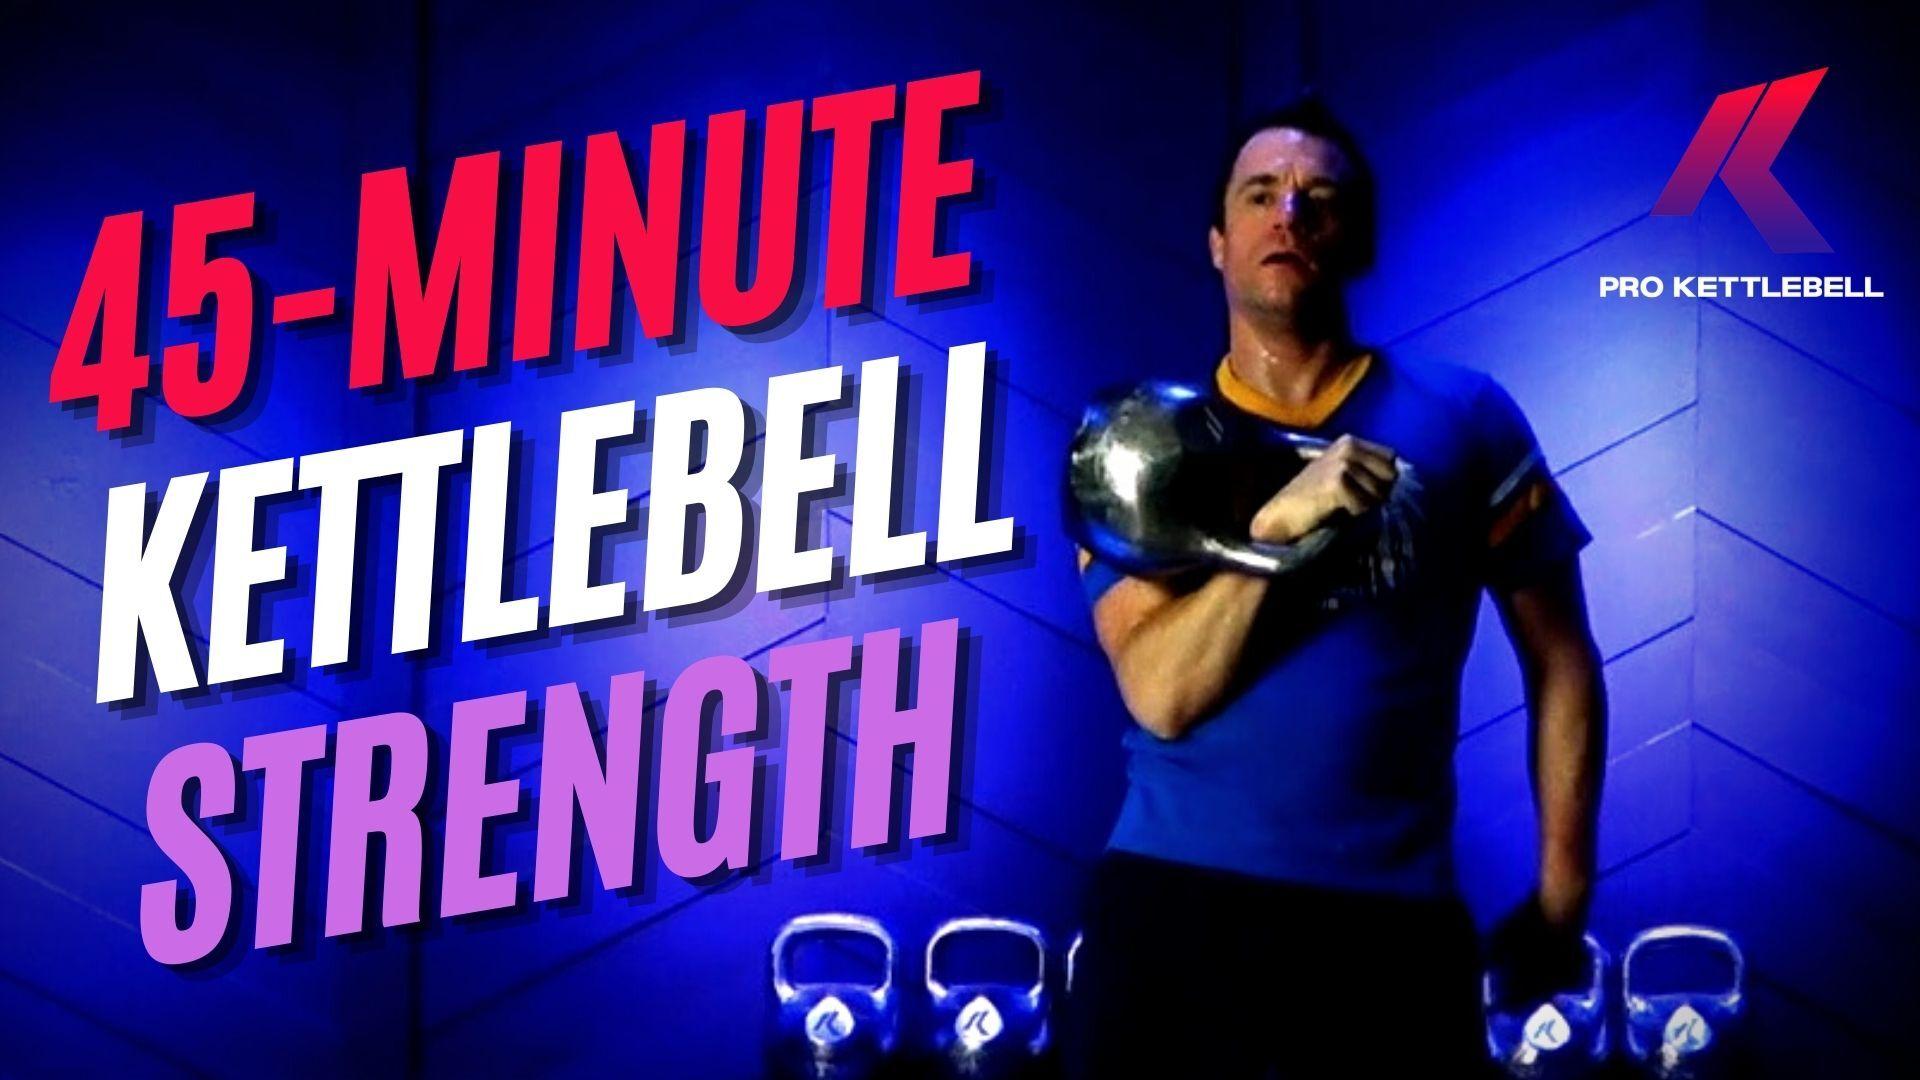 Kettlebell Strength Online Workout Video Class